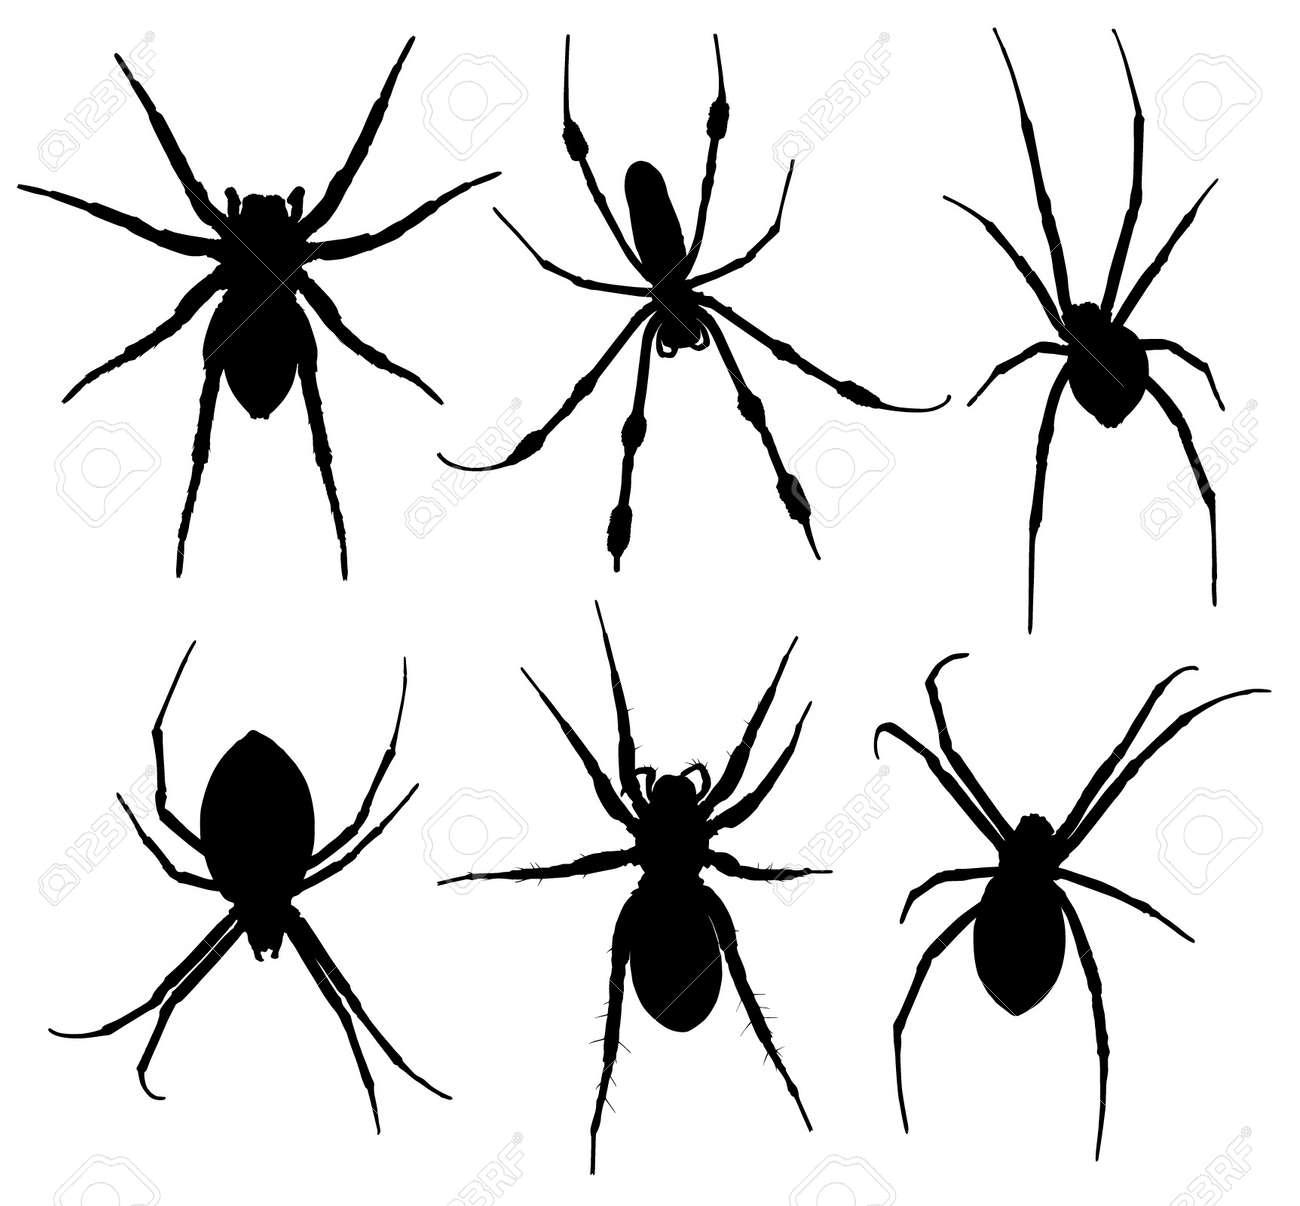 Silhouette D'araignée Sur Fond Blanc Clip Art Libres De Droits , Vecteurs Et Illustration. Image 15682562.